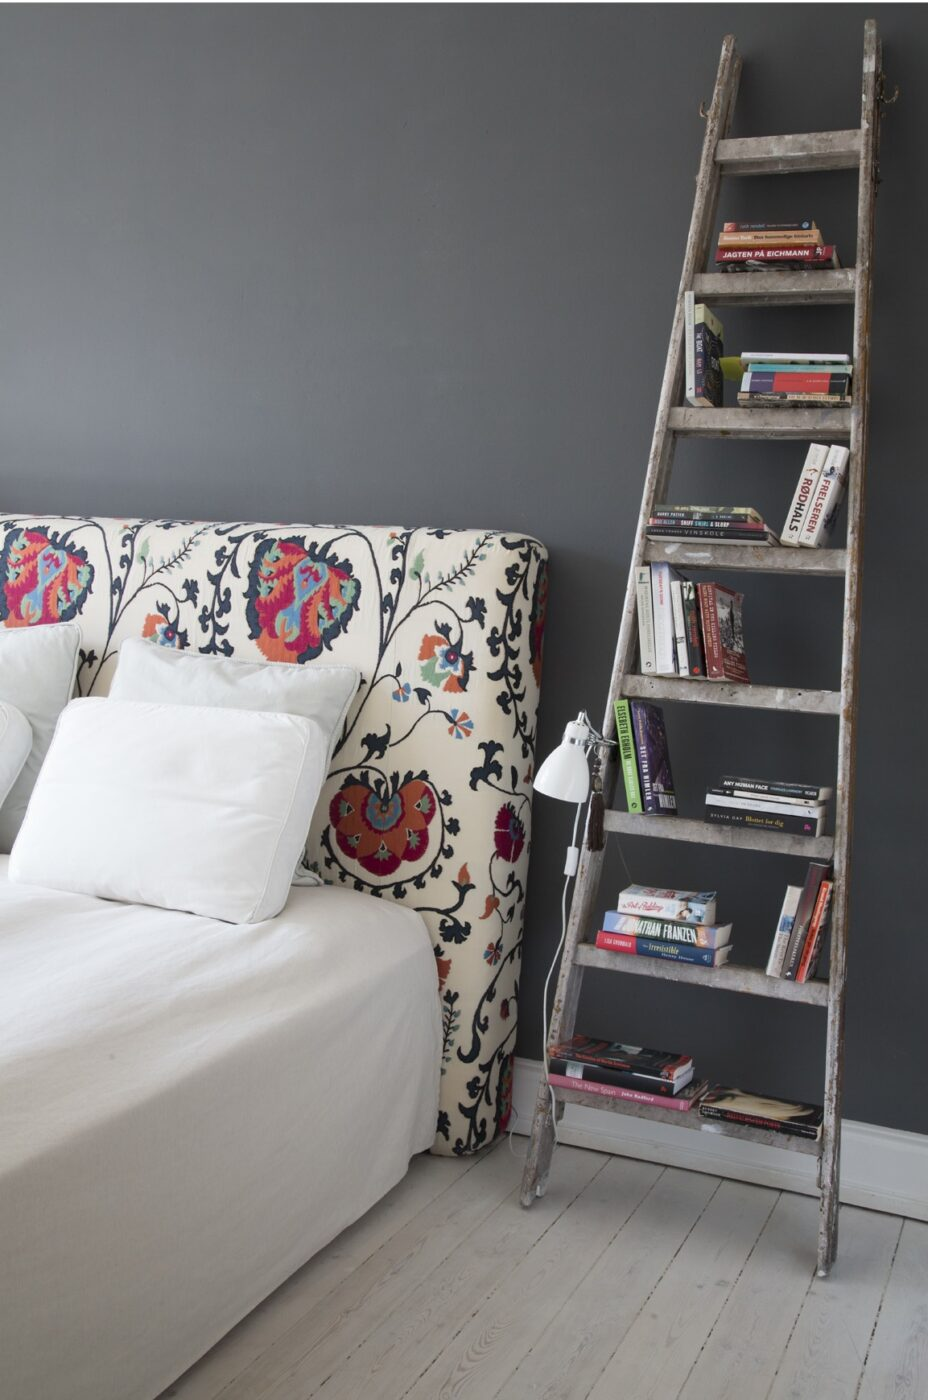 En madras er blevet betrukket med smukt tekstil og fungere som sengegavl, når den ikke anvendes til gæstemadras. Fra boligreportage i Classensgade.